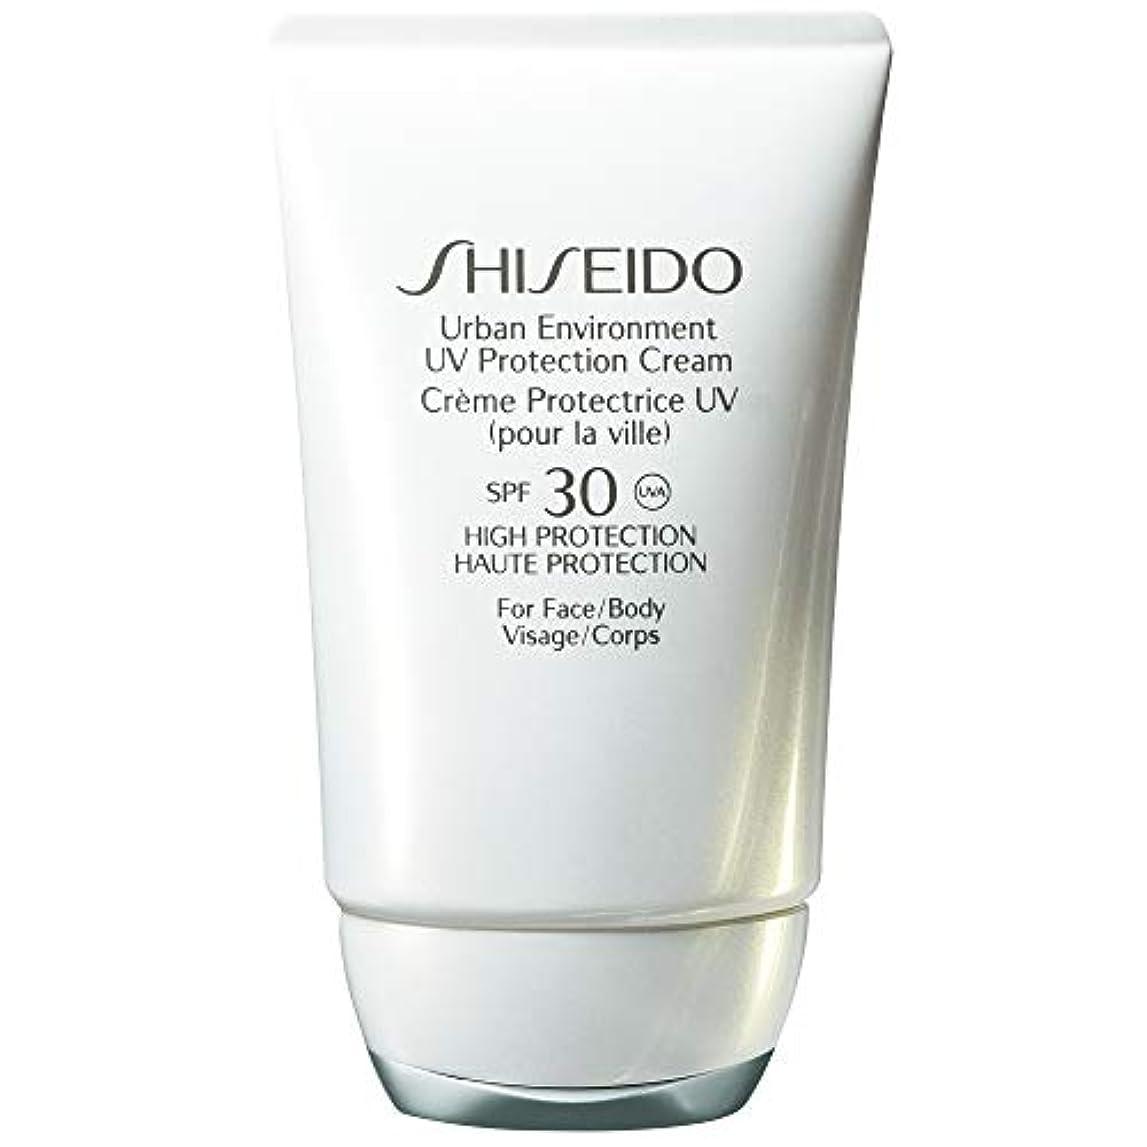 急勾配の語事実[Shiseido] 資生堂都市環境UvプロテクションクリームSpf 30 50ミリリットル - Shiseido Urban Environment Uv Protection Cream Spf 30 50ml [並行輸入品]